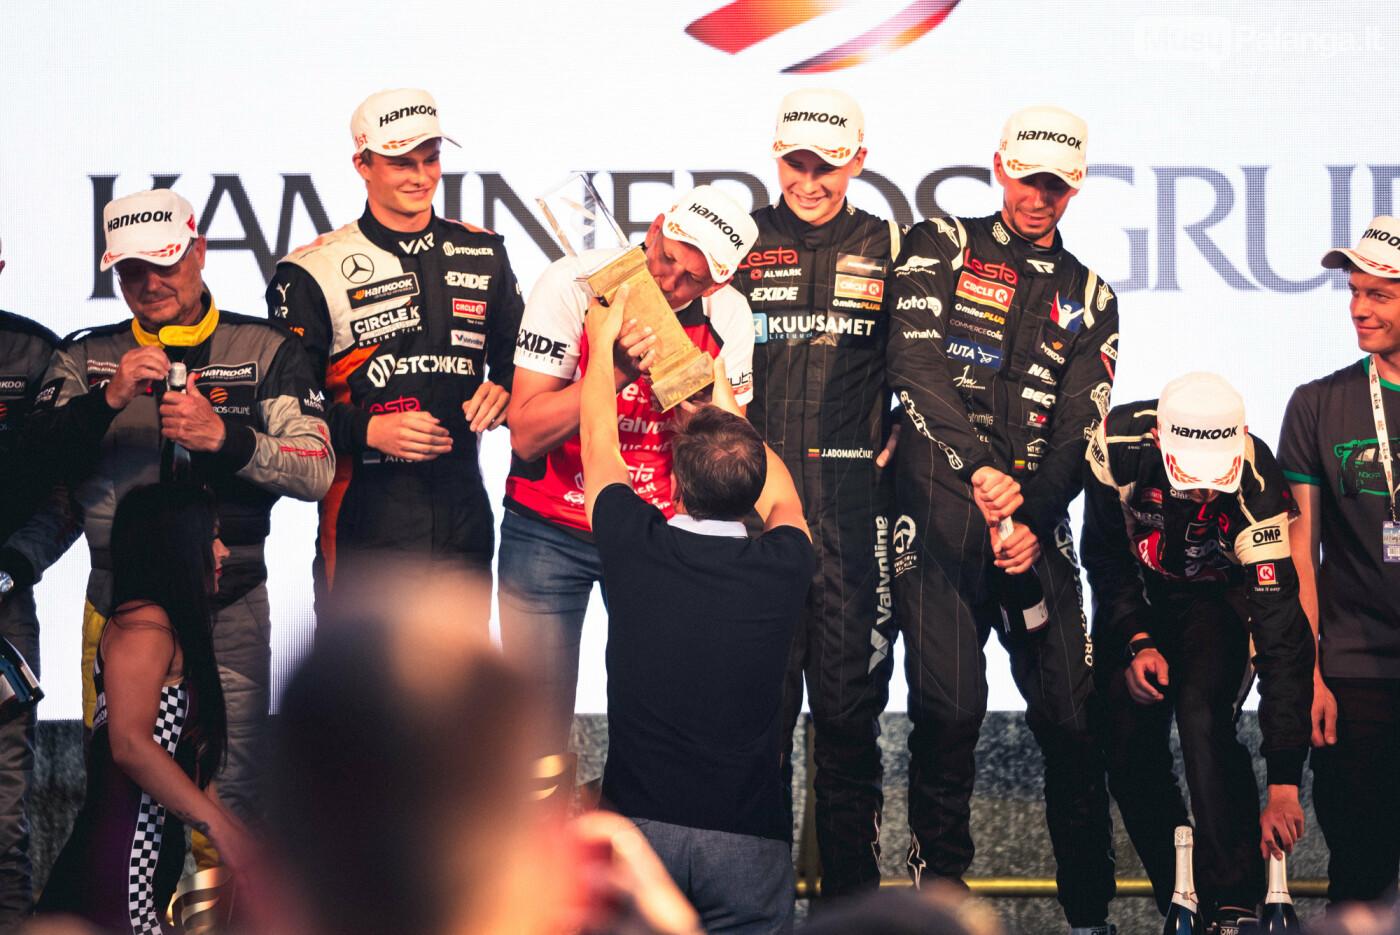 """""""Aurum 1006 km"""" lenktynėse Palangoje – praėjusių metų nugalėtojų triumfas , nuotrauka-4, Vytauto PILKAUSKO ir Arno STRUMILOS nuotr."""